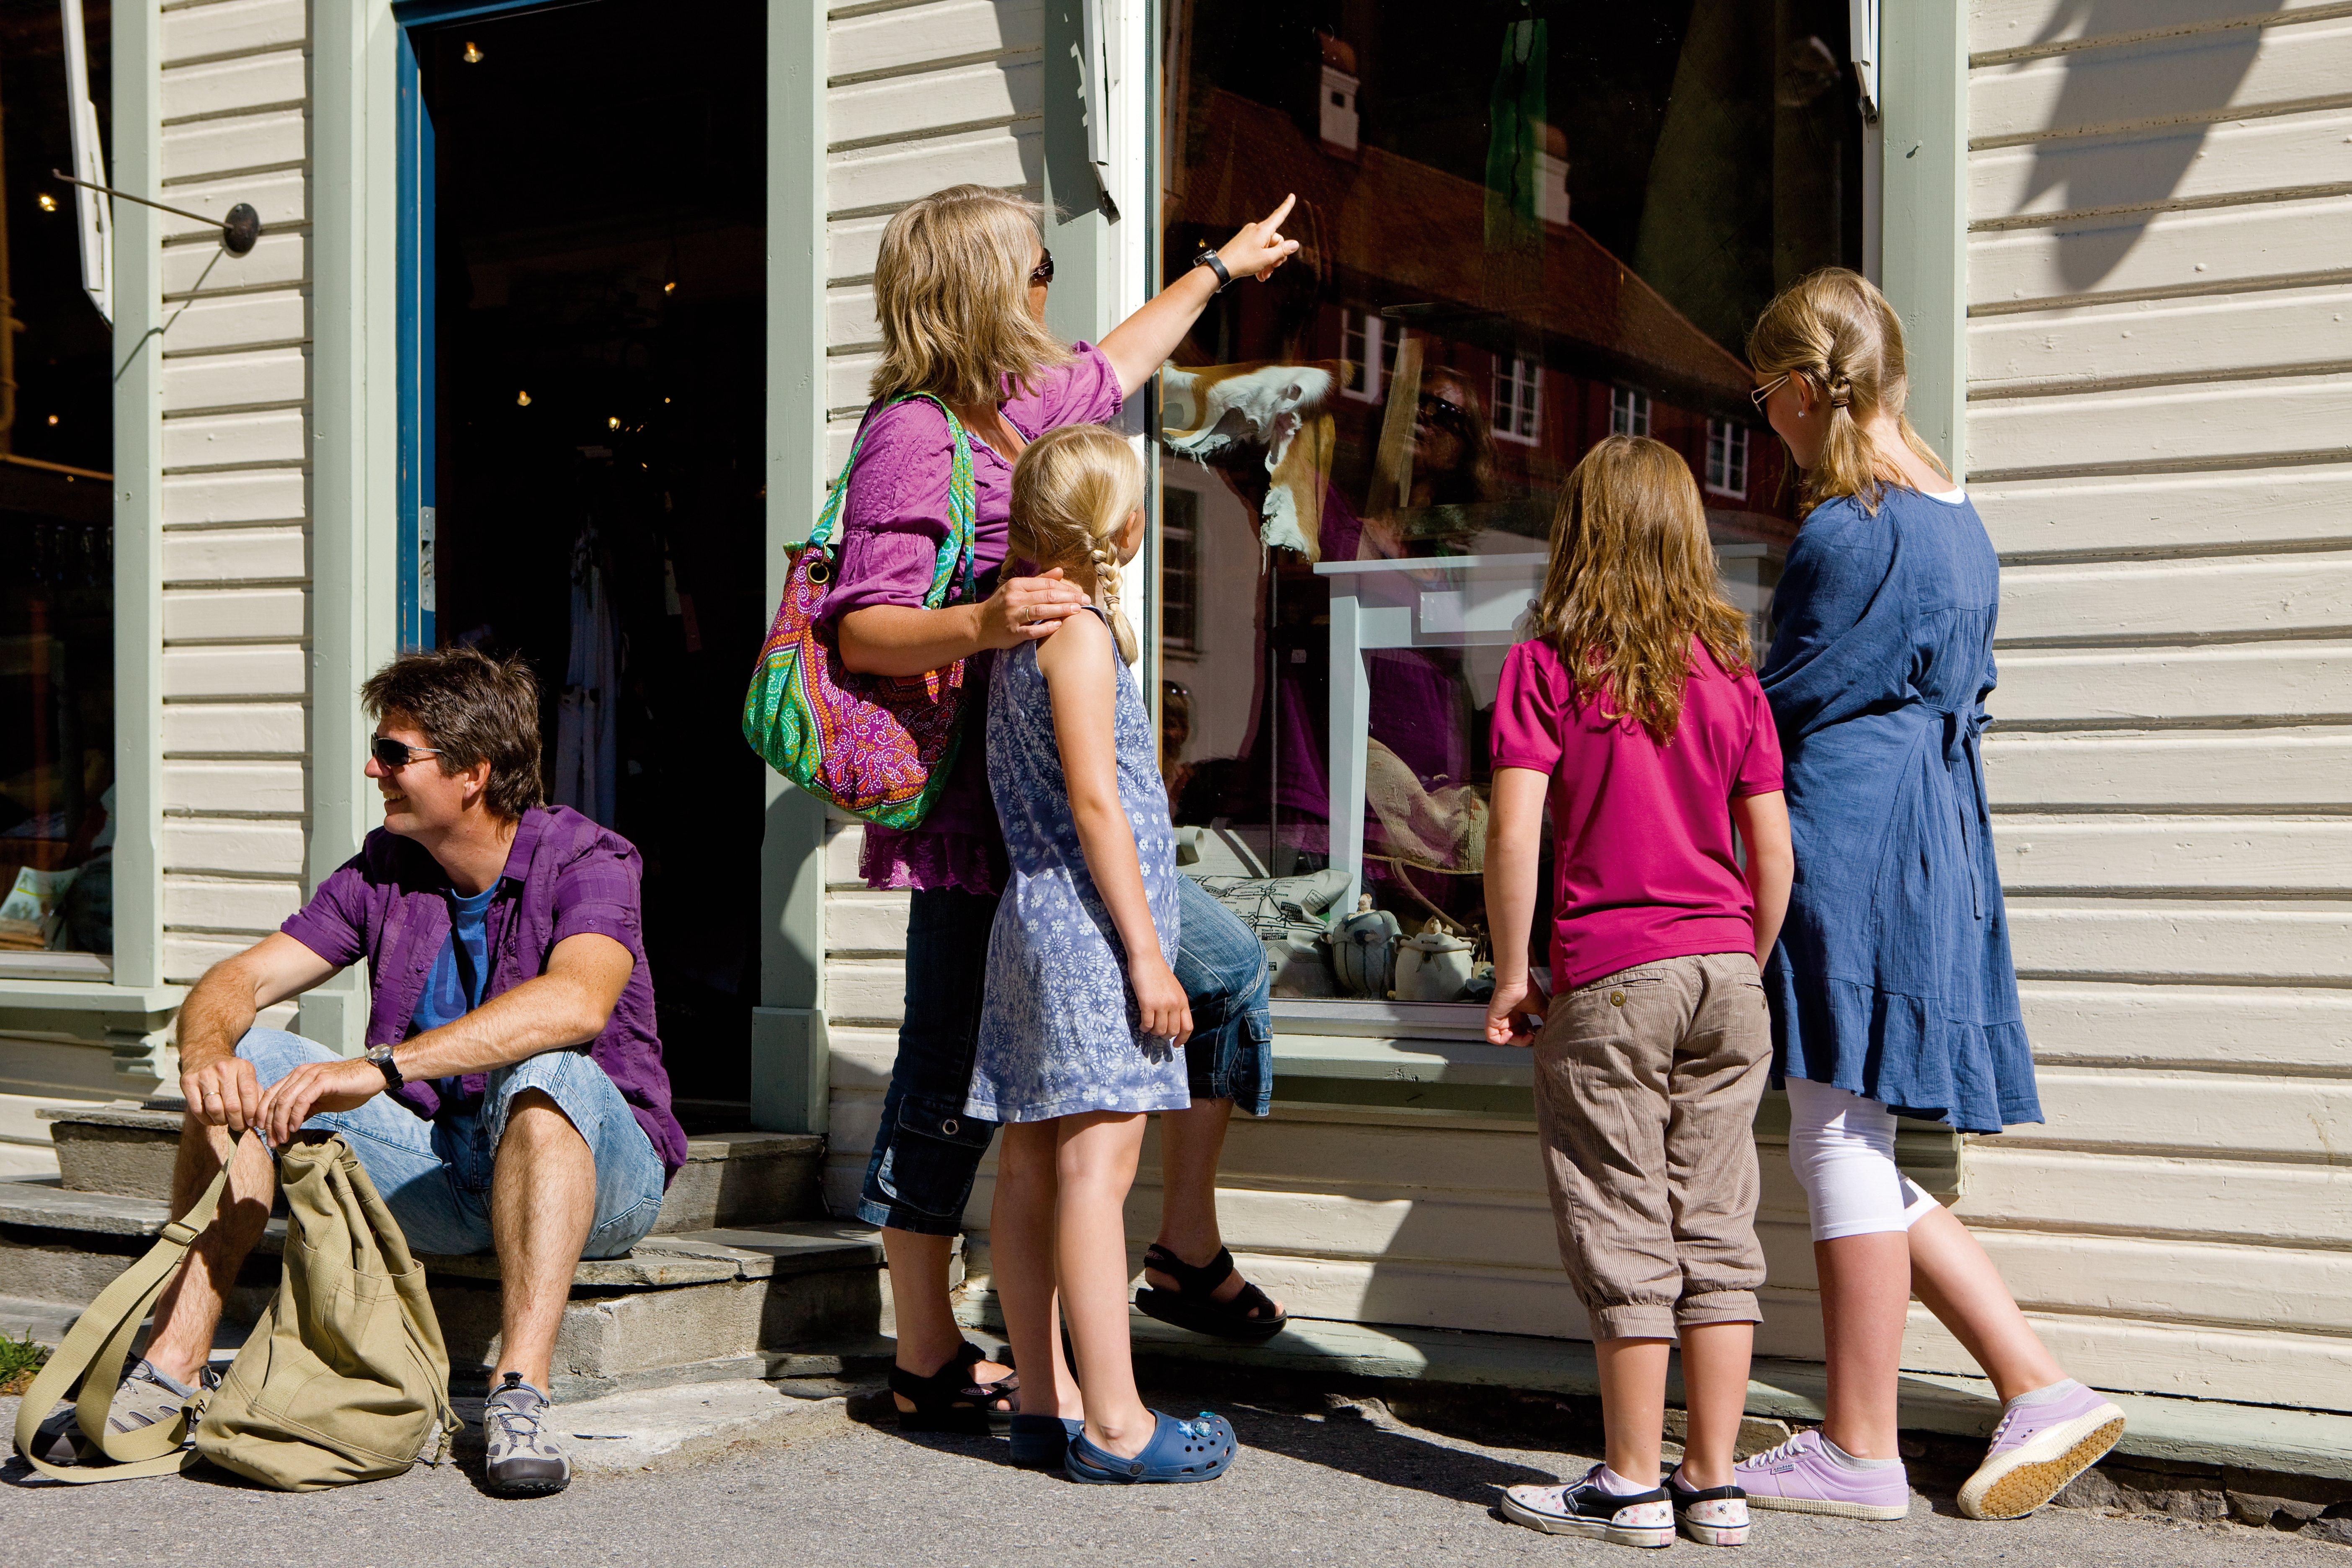 Blått til Lyst er en flott butikk midt i Rjukan sentrum med utvalg av interiør- og gaveartikler, klær og sko med mer. Må sees. , © Mediateam